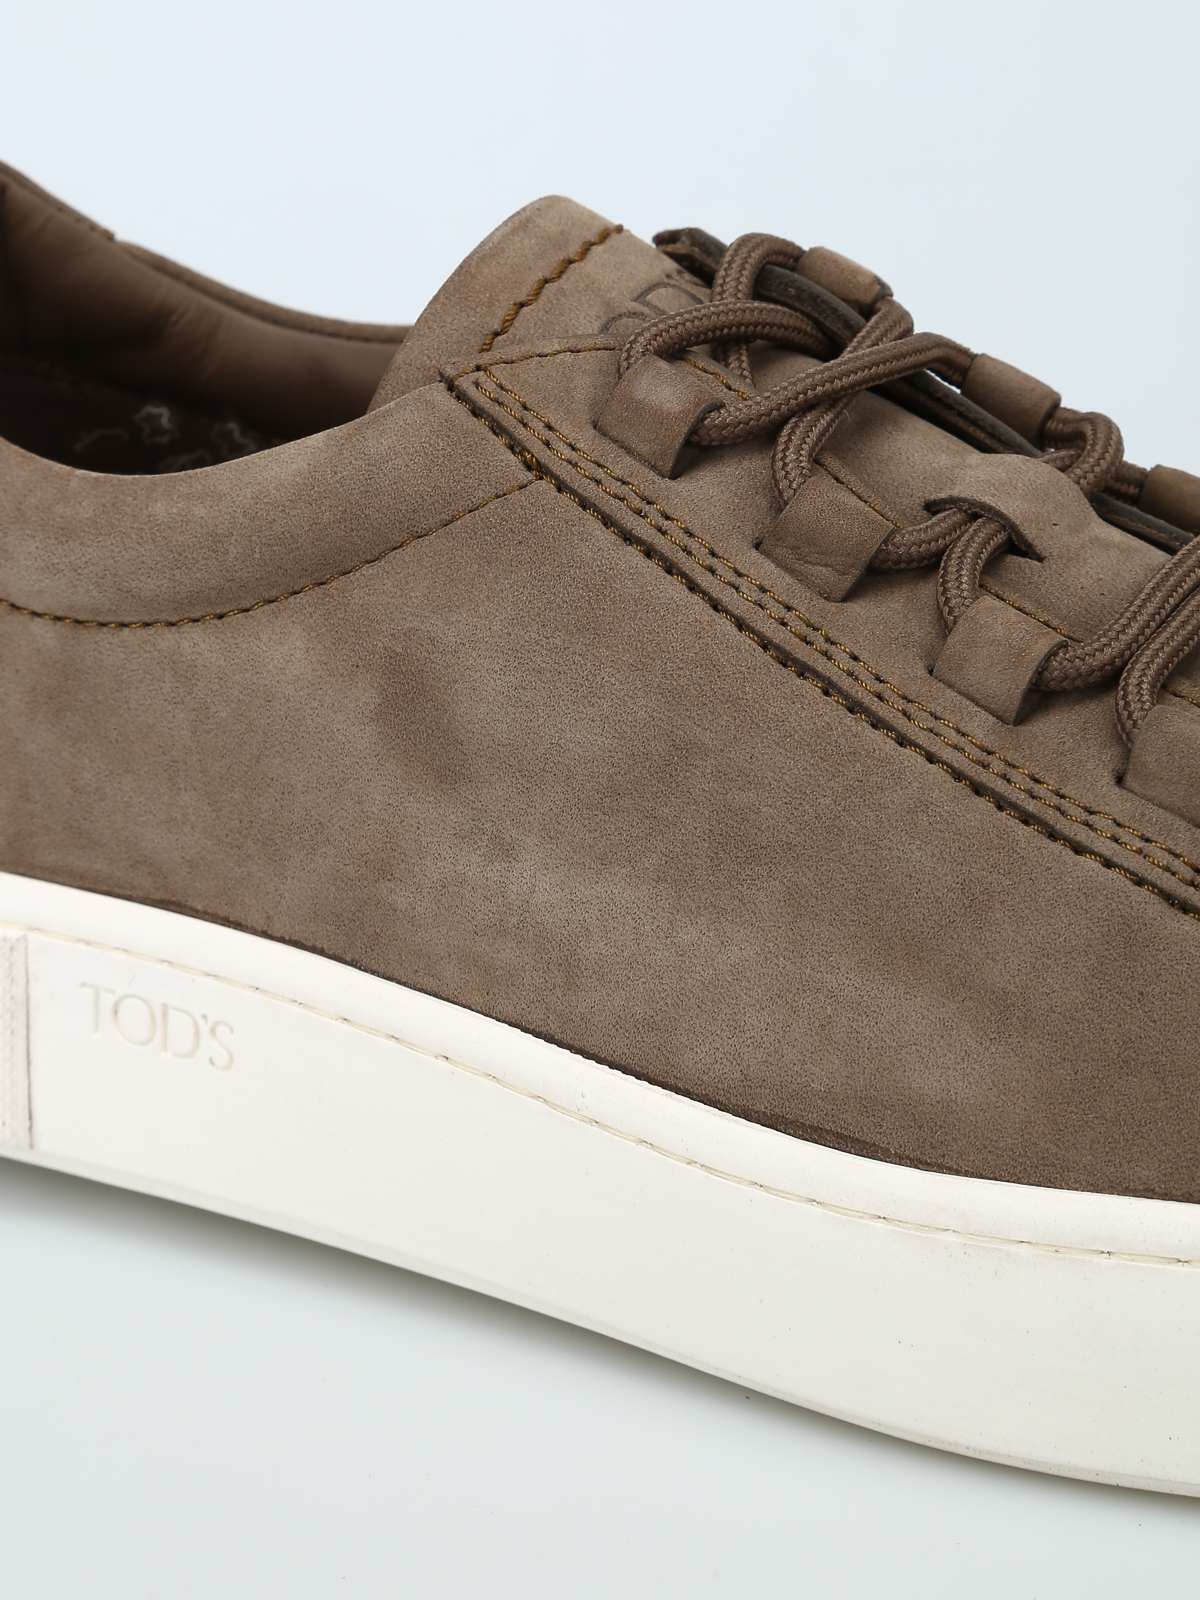 2b8f5d0fda Tod'S - Nut brown nubuck sneakers - trainers - XXM56A0V4305IPC407